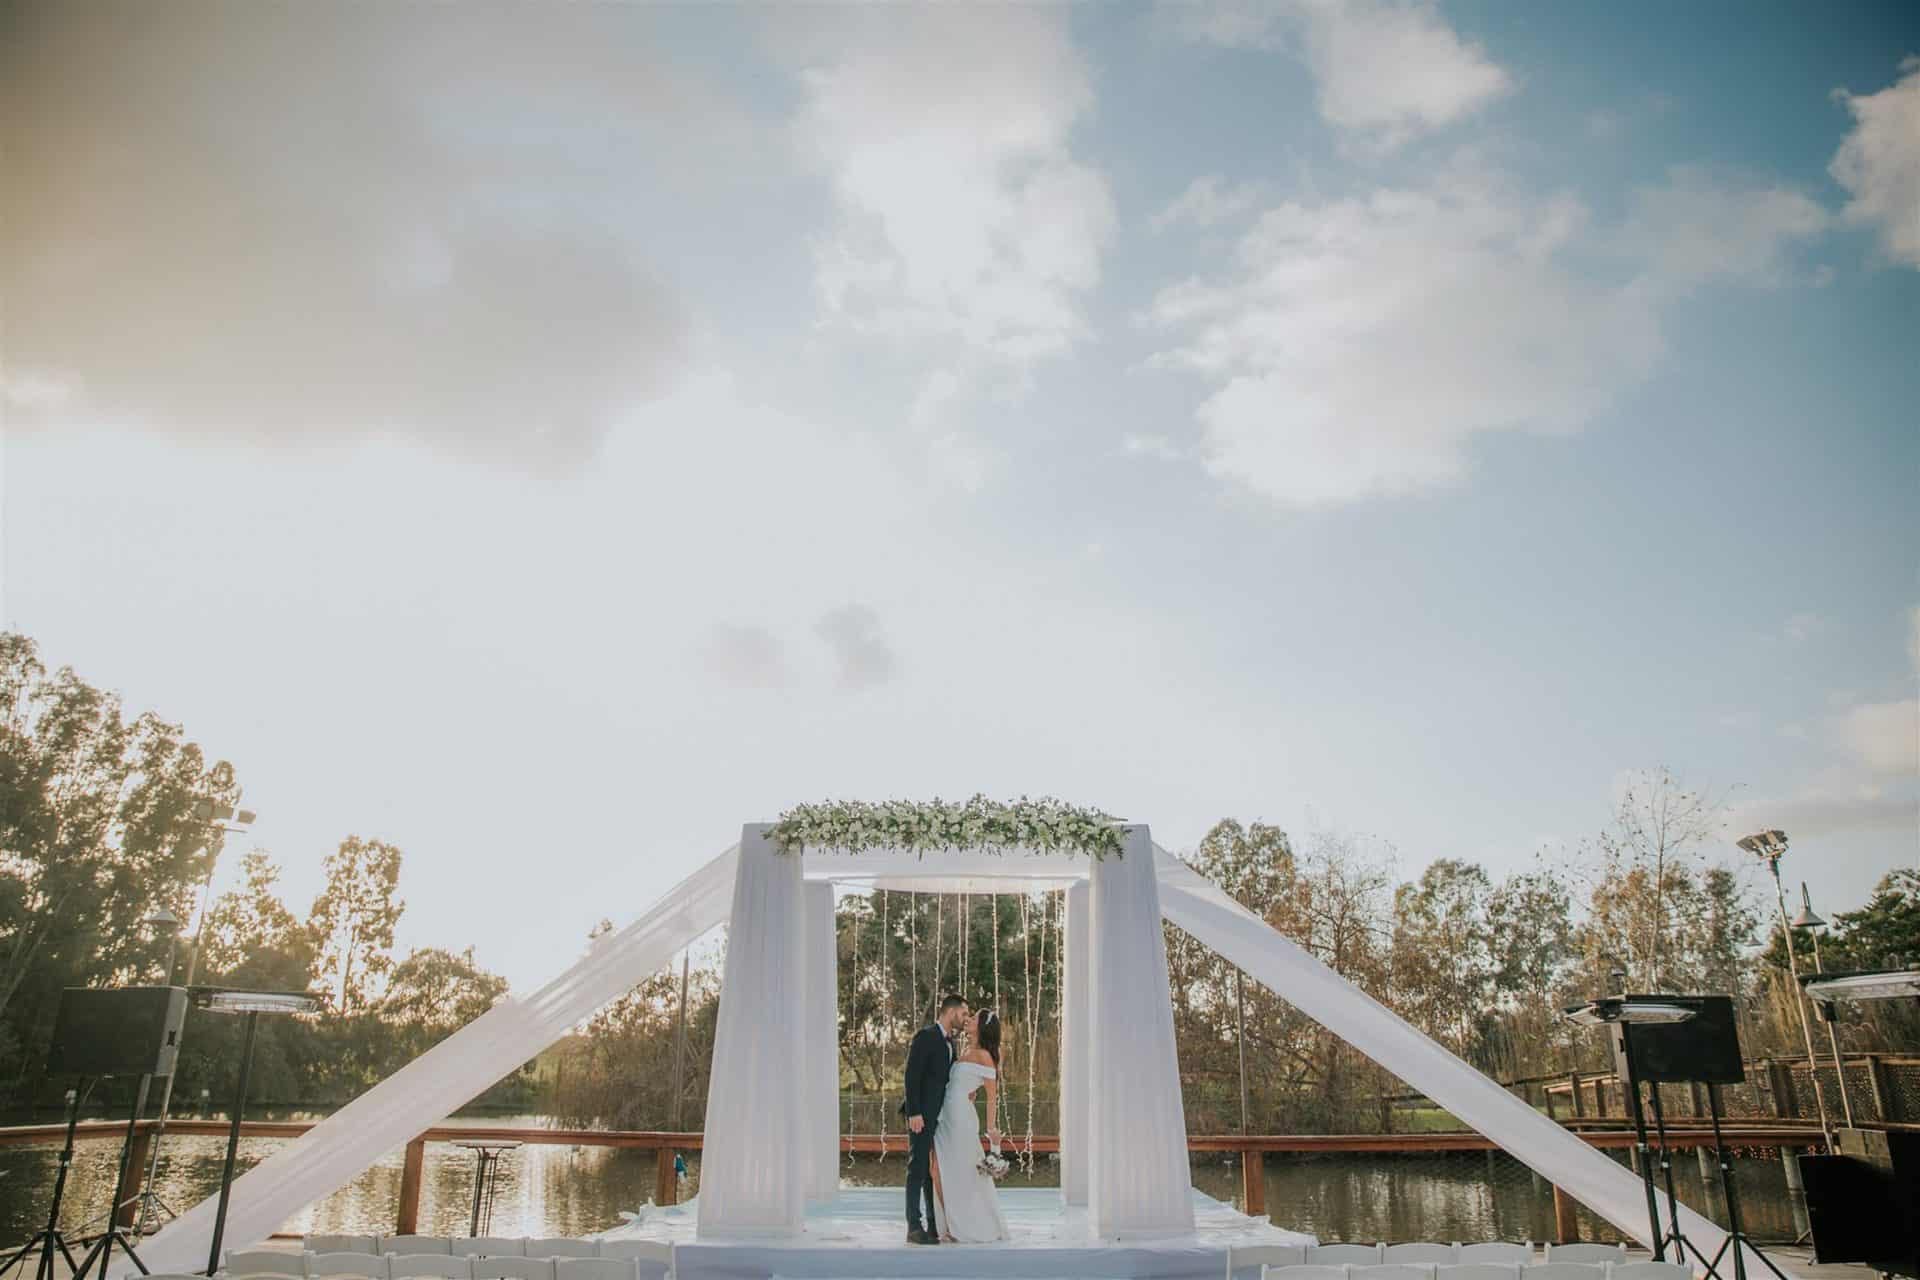 צילומי חופה חתונת בזק